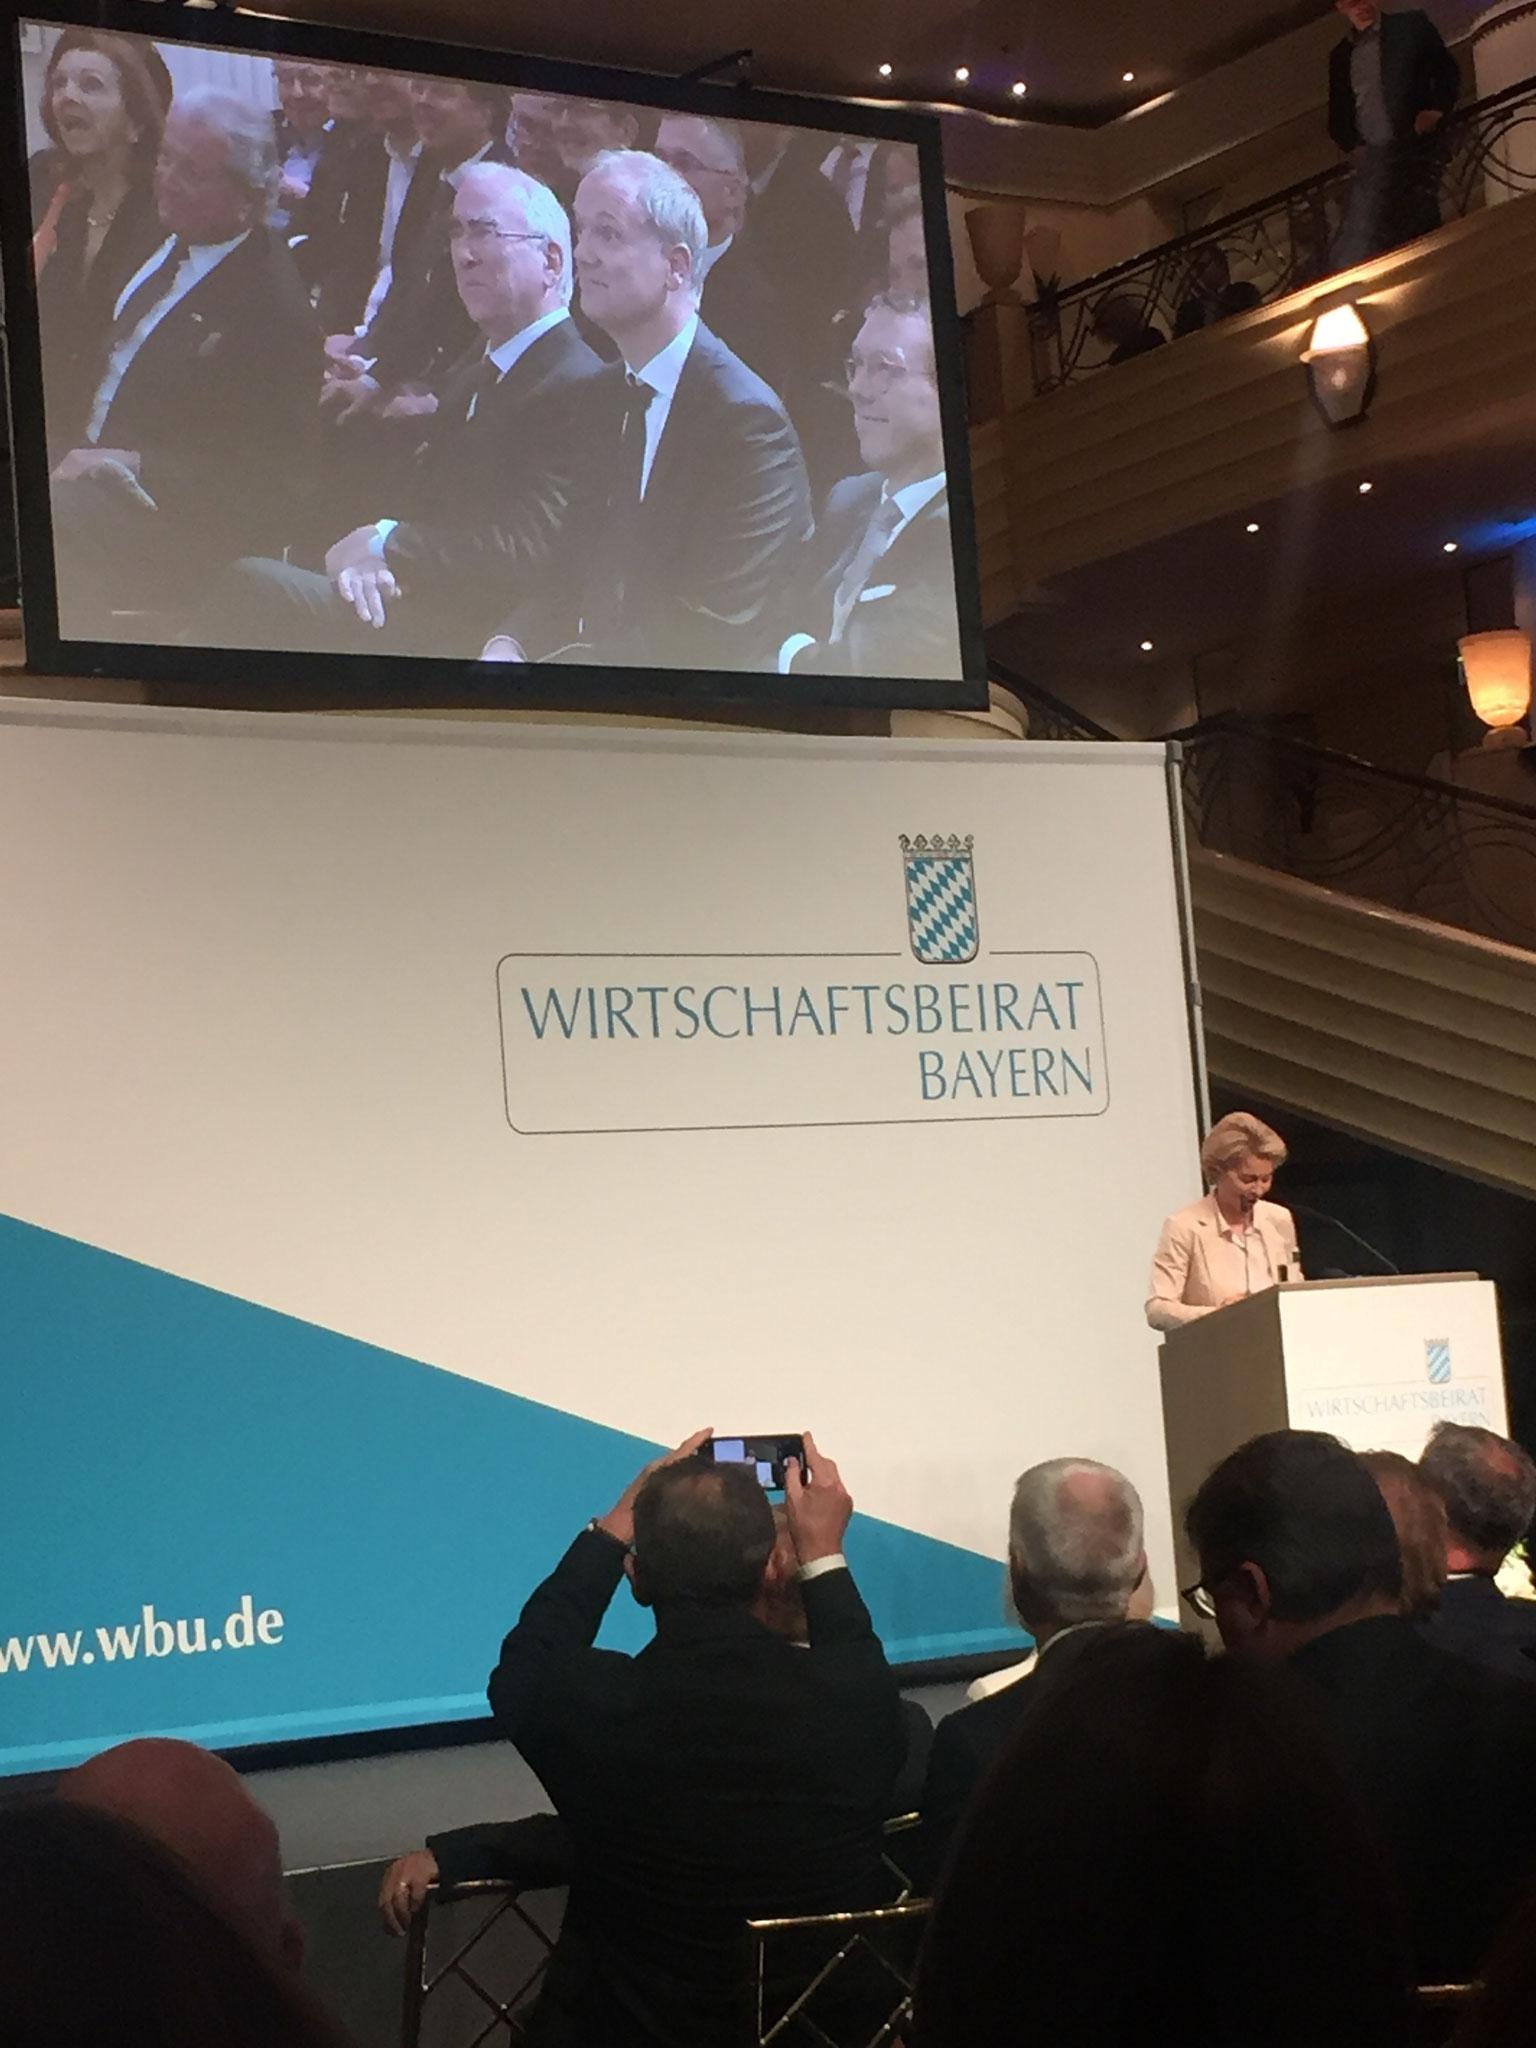 Frau Dr. Ursula von der Leyen, anwesend sind auch der ehemalige Finanzminister Theo Waigel und Prof. Klaus Josef Lutz, Vorstandsvorsitzender der BayWa AG